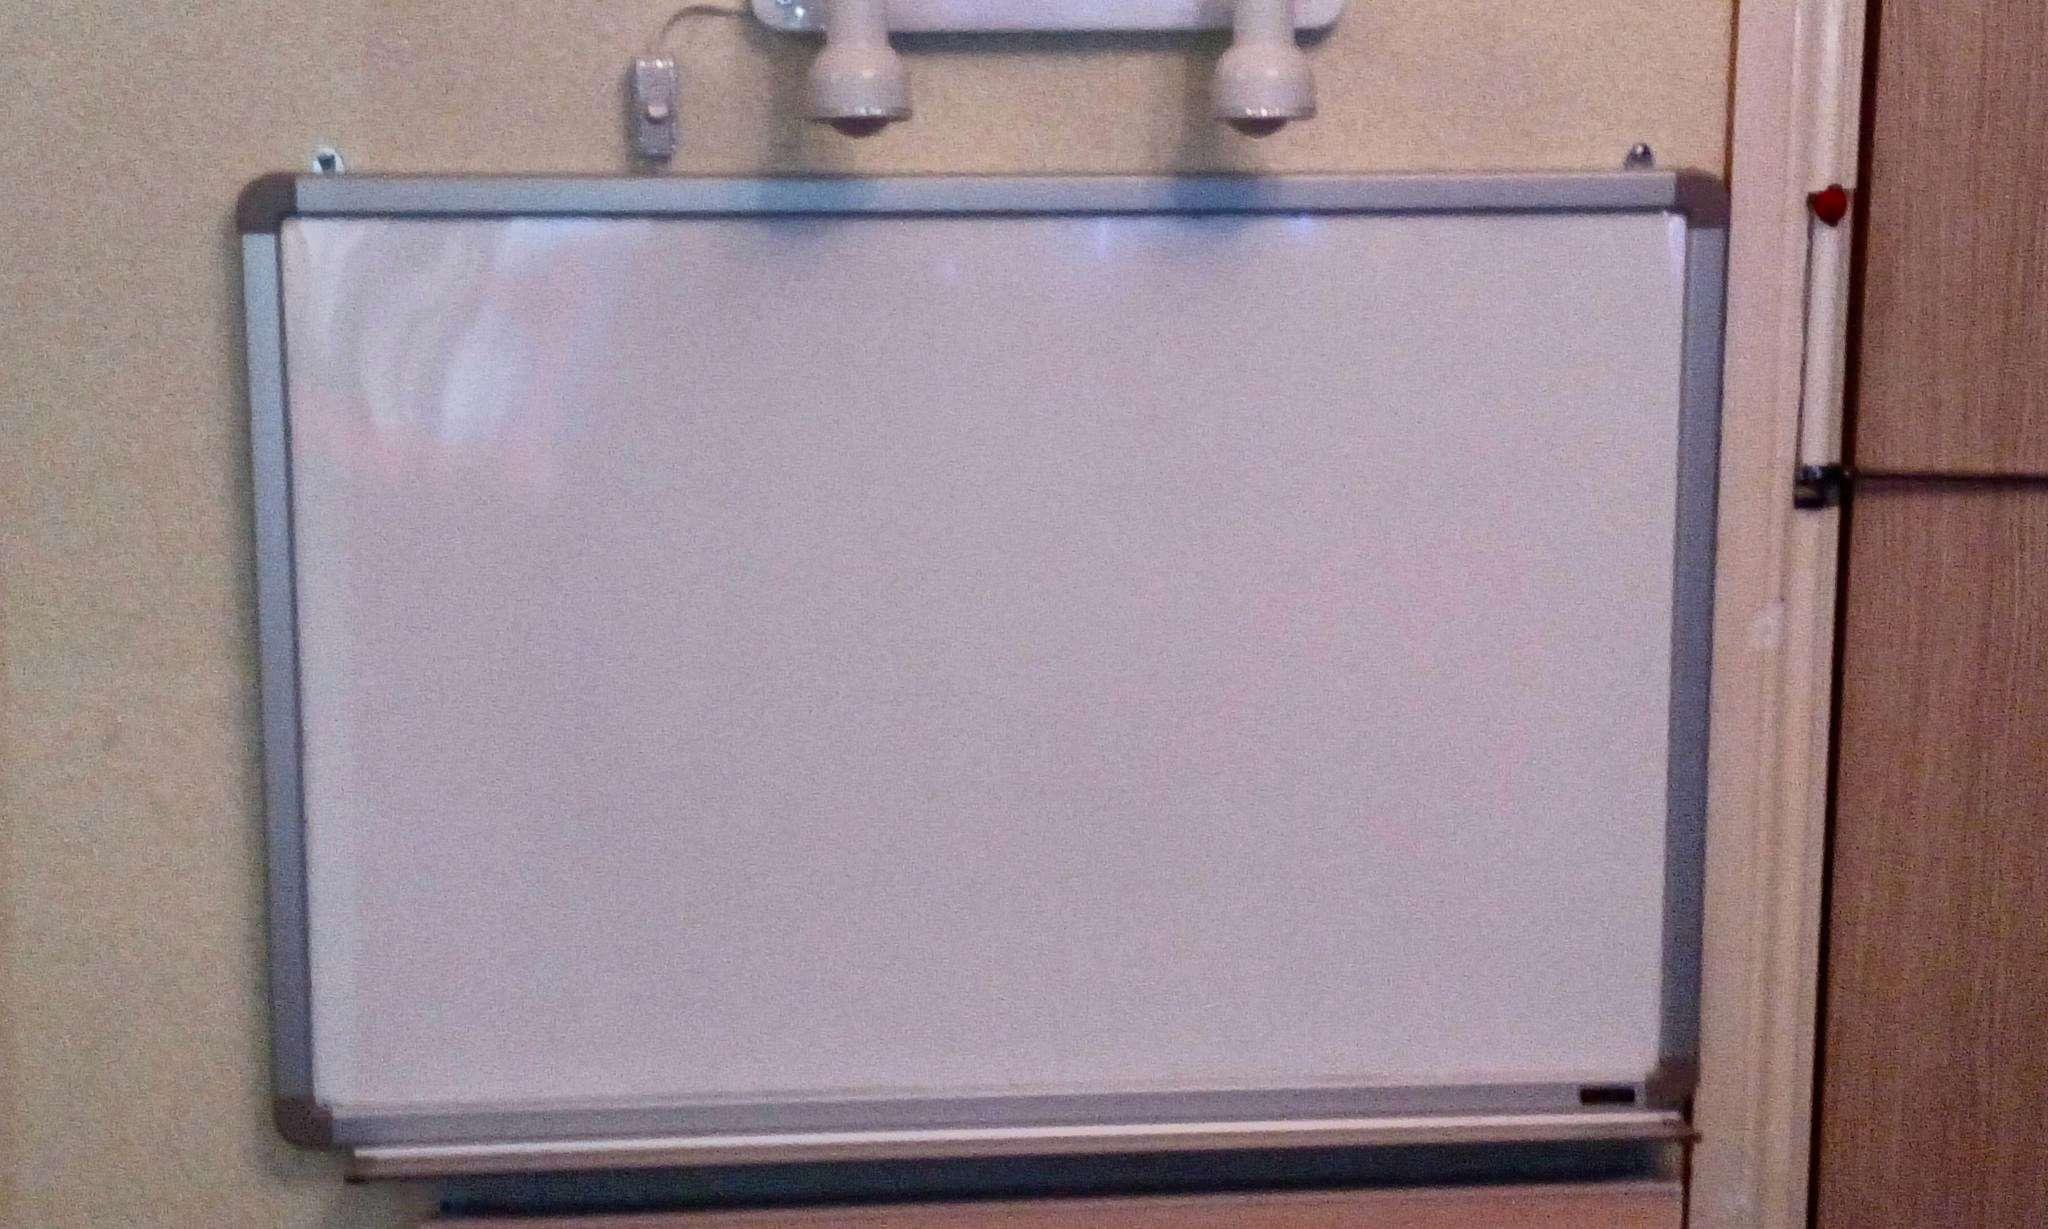 982fbc127113 Доска магнитно-маркерная Brauberg 60х90 см, улучшенная алюминиевая ...